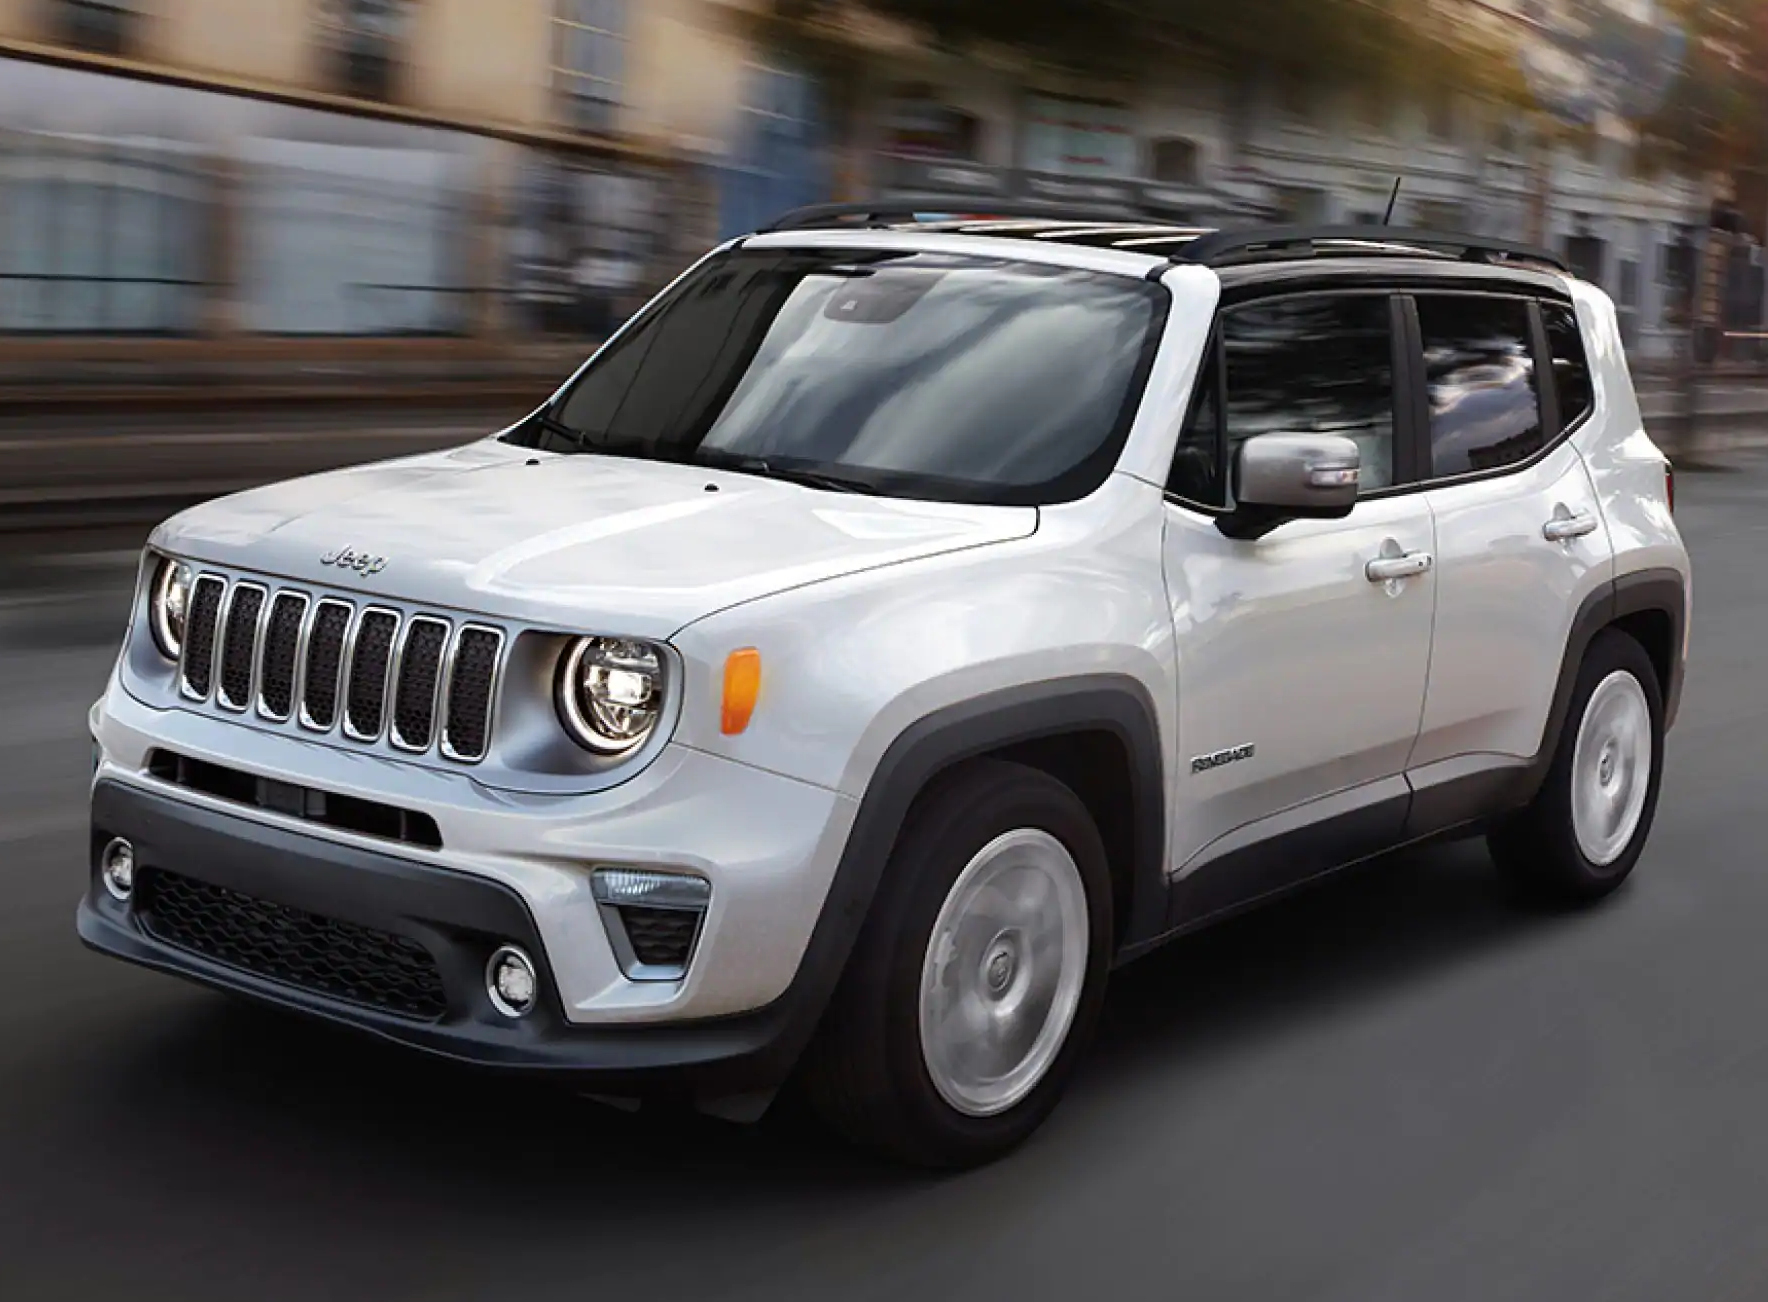 2021-Jeep-Renegade-Exterior